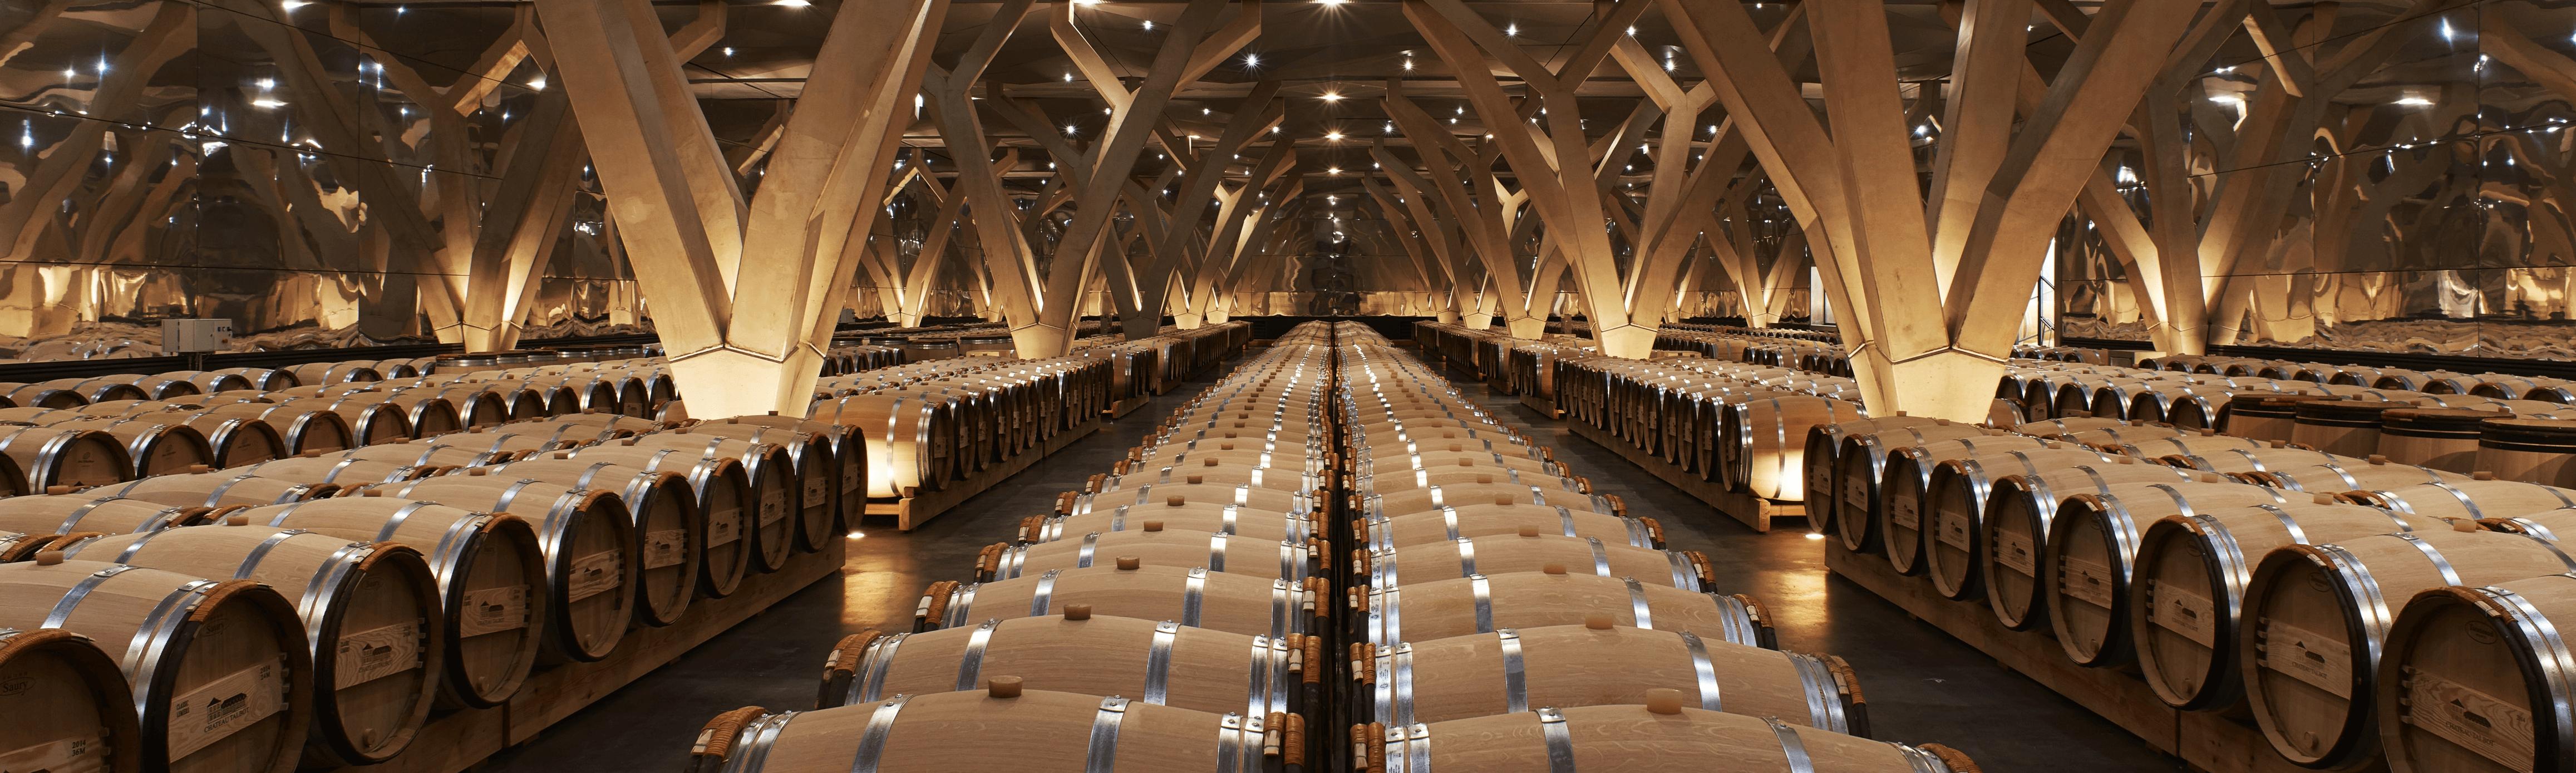 Bordeaux En Primeur - Pre-Order Explained